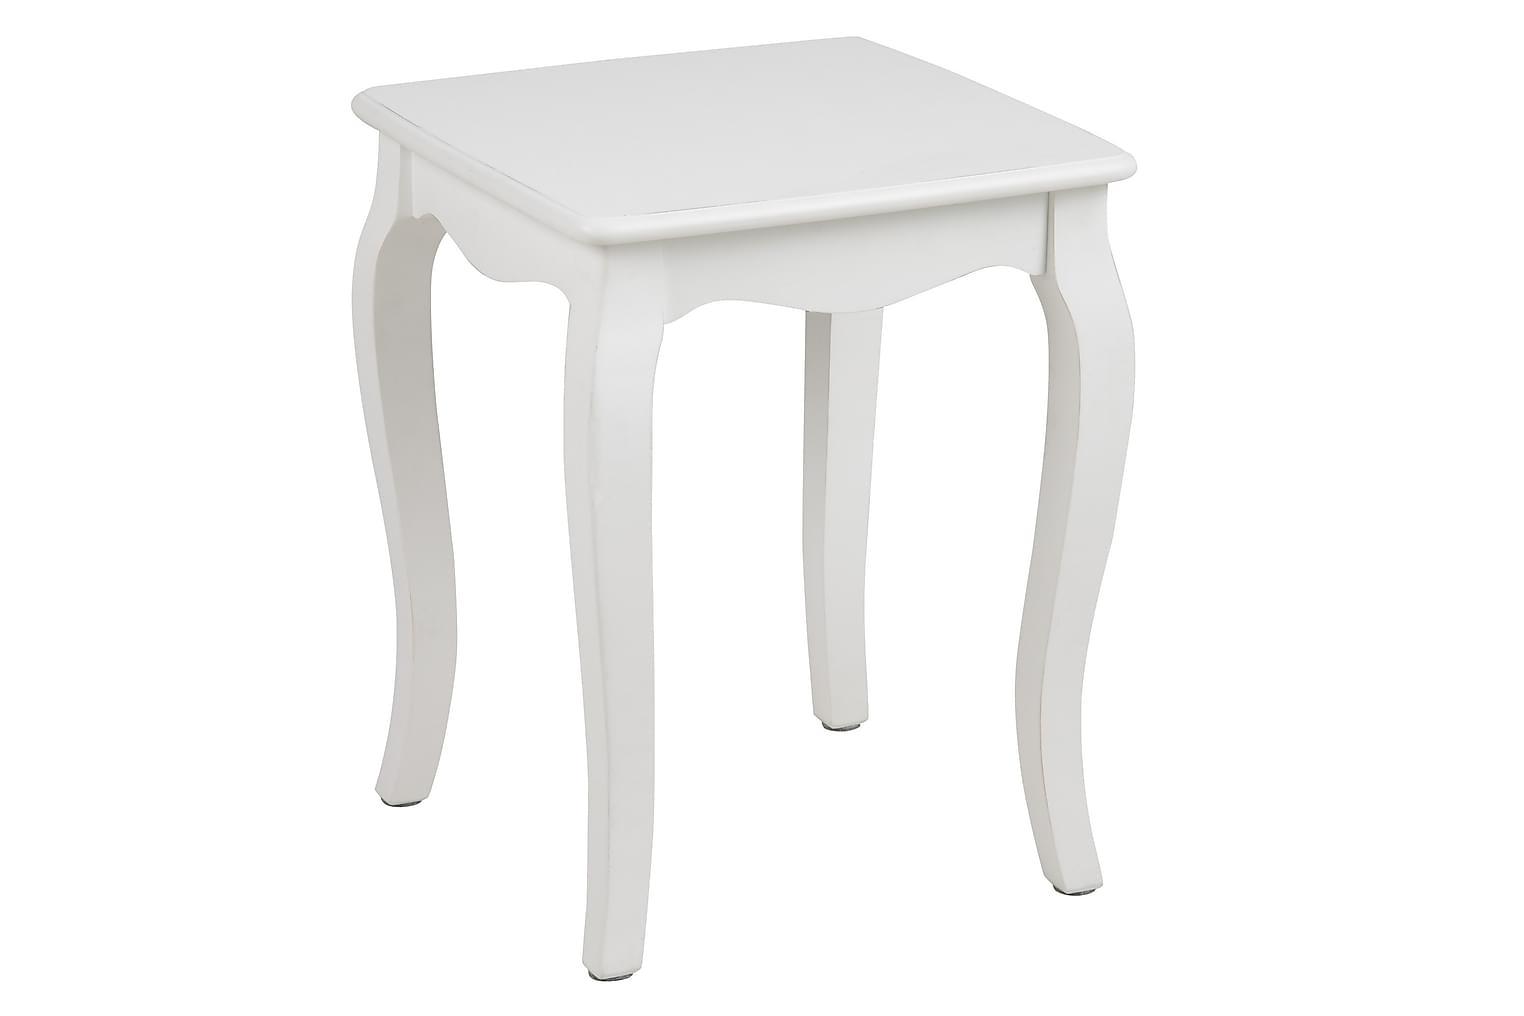 NEMBRO Sivupöytä 40 Valkoinen